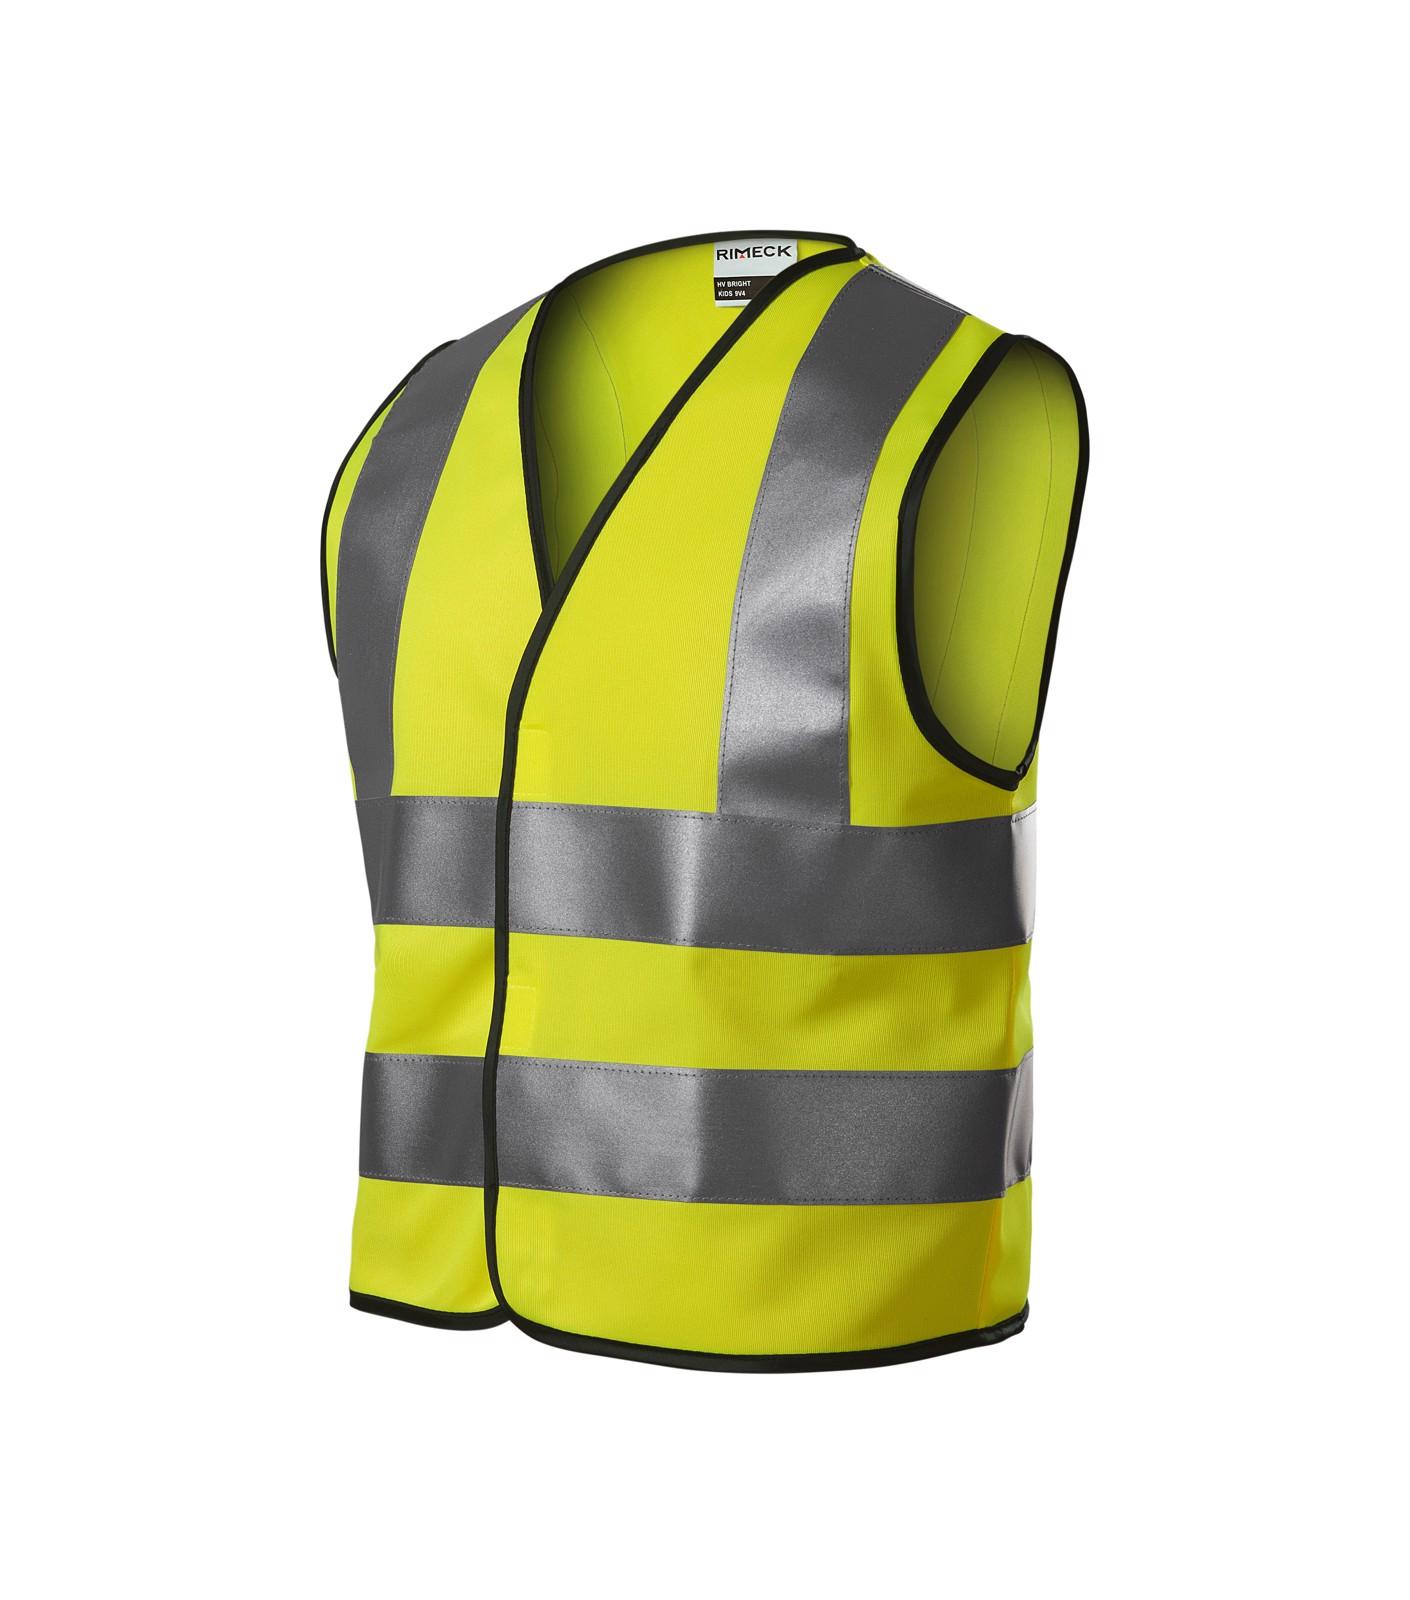 Bezpečnostní vesta dětská Rimeck HV Bright - Fluorescenční Žlutá / 6-8 let/116-140 cm